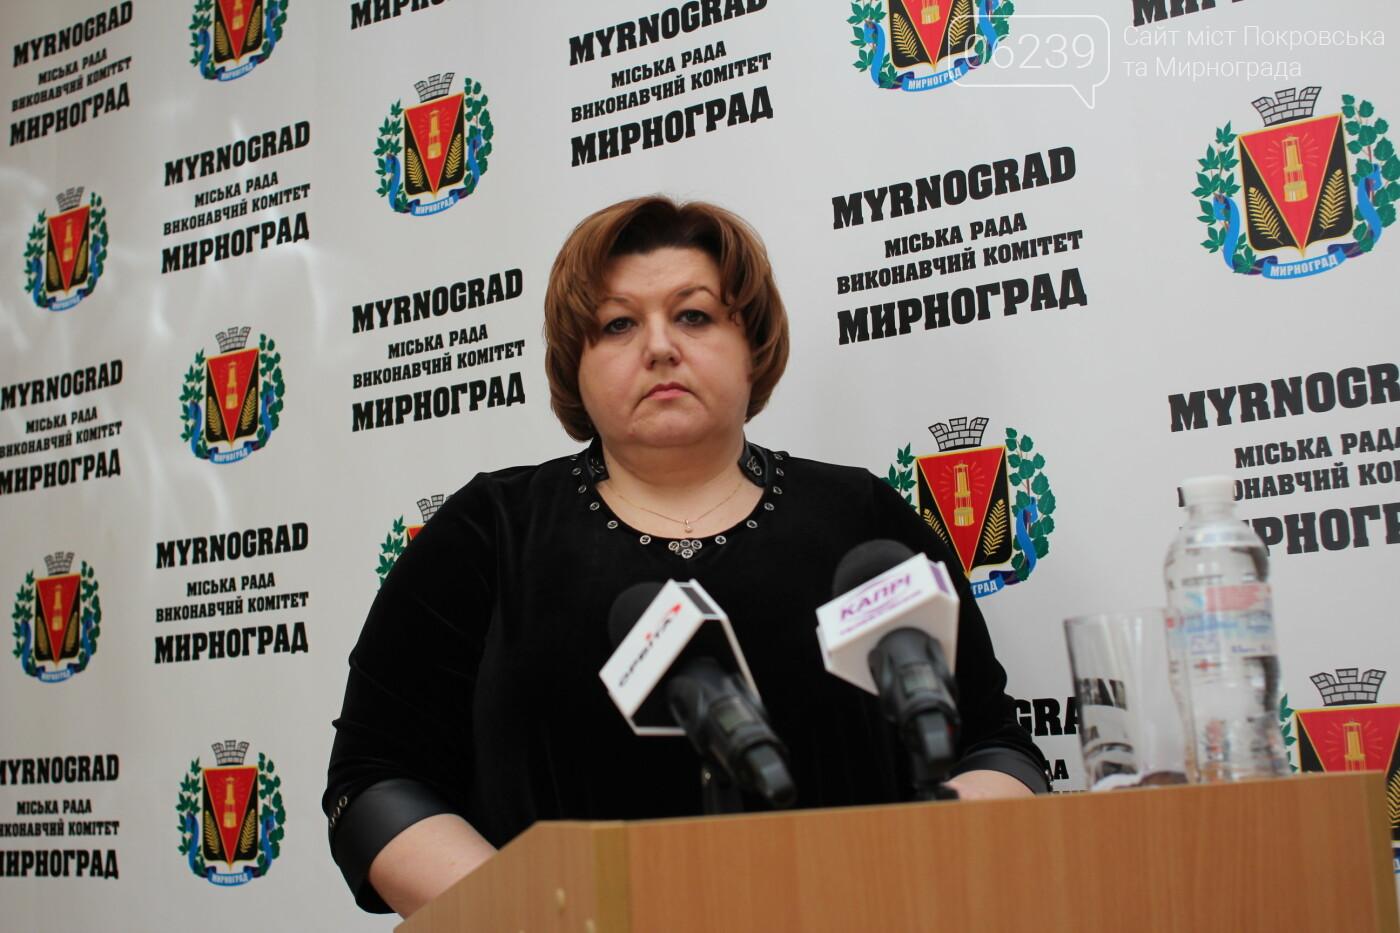 Изменения в бюджете и новый начальник отдела полиции: в Мирнограде состоялась 73-я сессия горсовета, фото-5